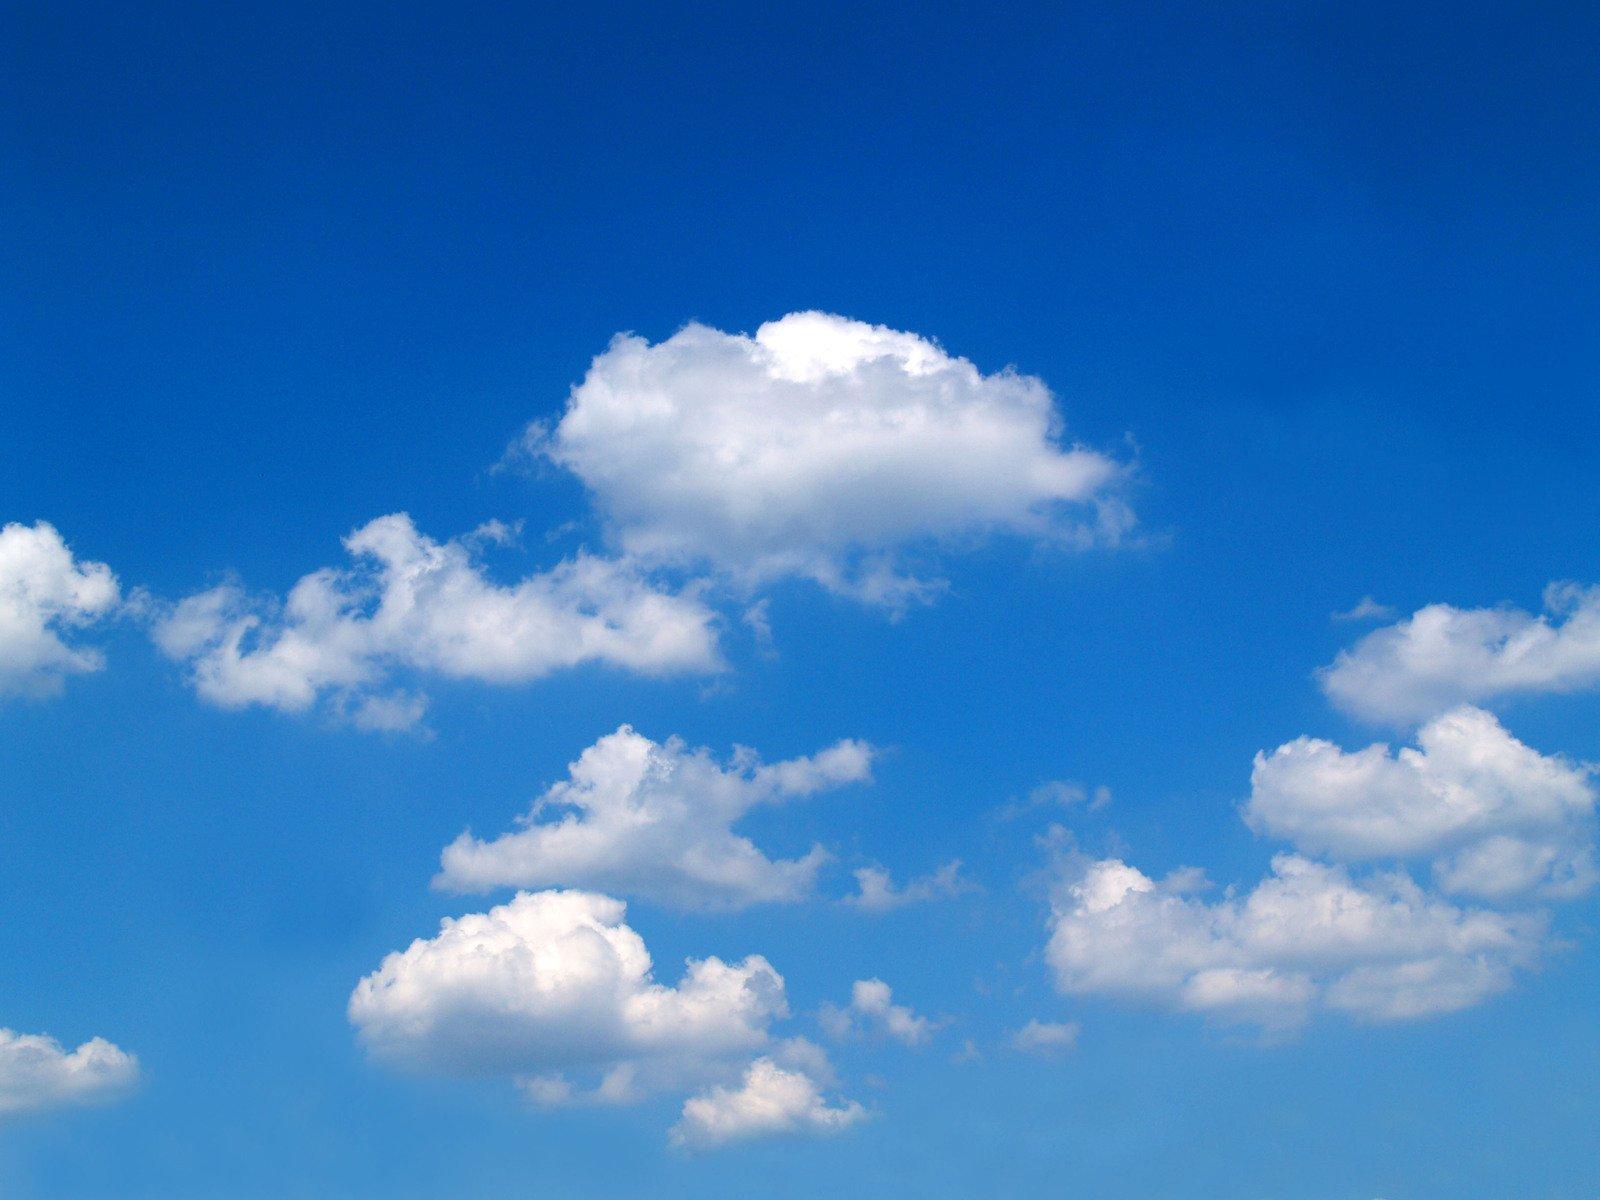 Blue Sky With Clouds Wallpaper 56 Images: Free Nuvens Brancas No Céu Azul Stock Photo